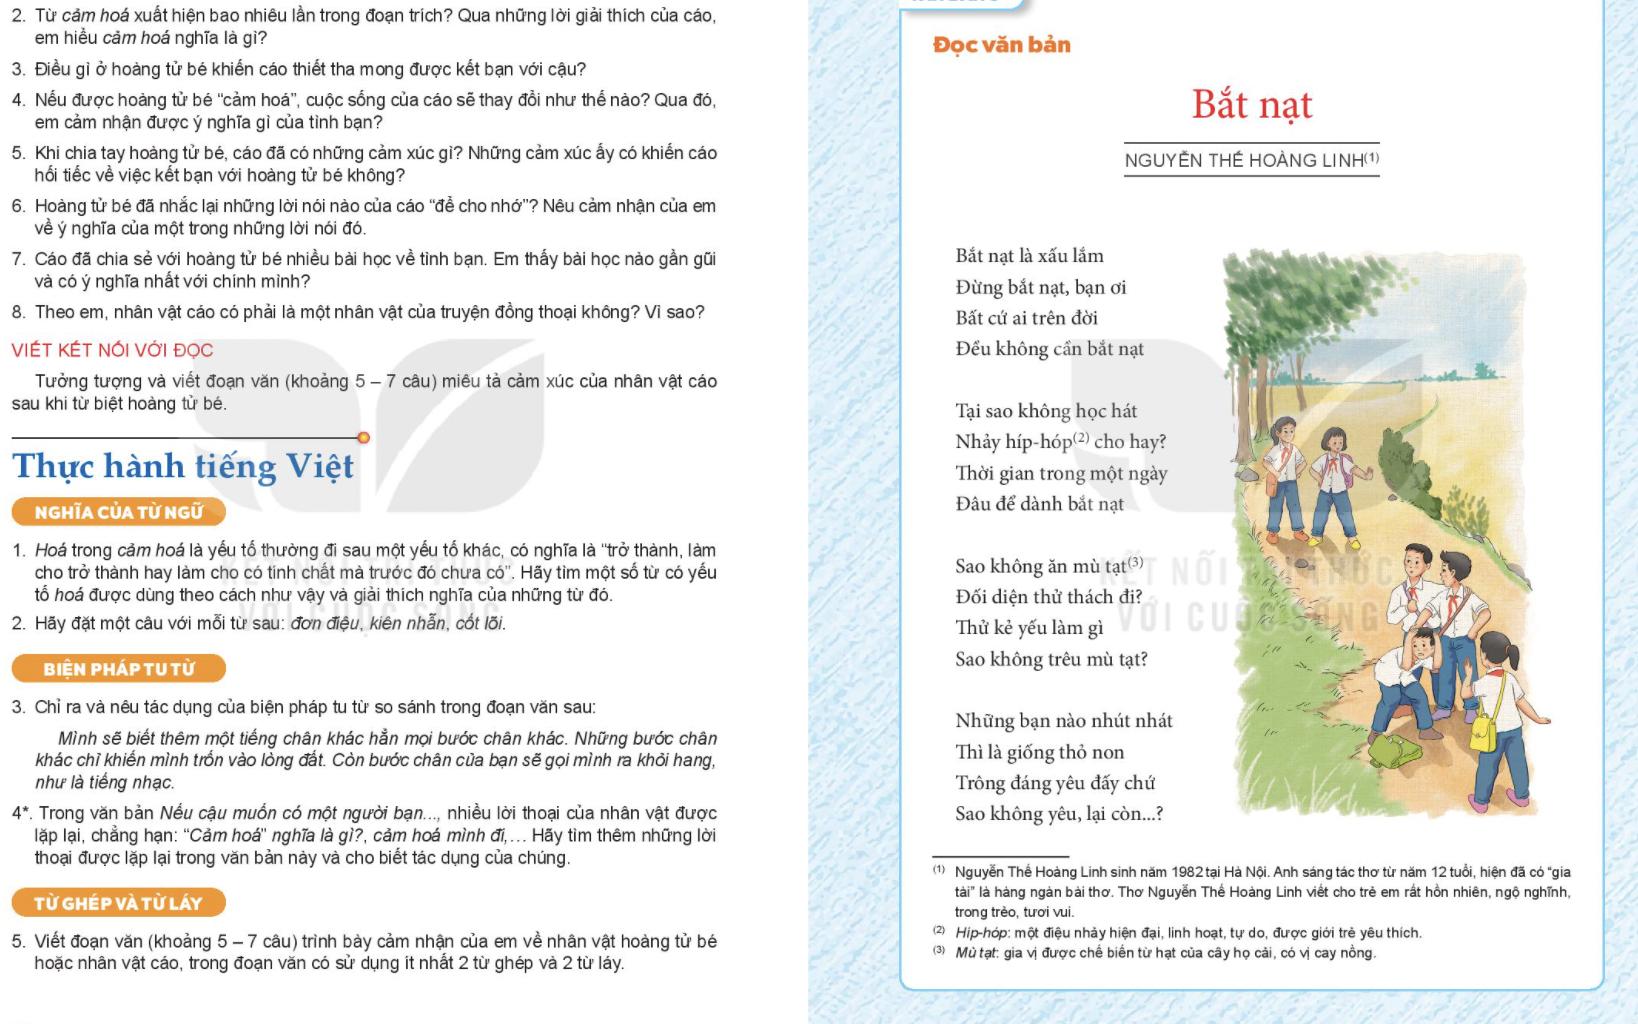 """Bài thơ trong SGK Ngữ văn lớp 6 chương trình mới bị chê """"không xứng"""": Tác giả, giáo viên nói gì?"""